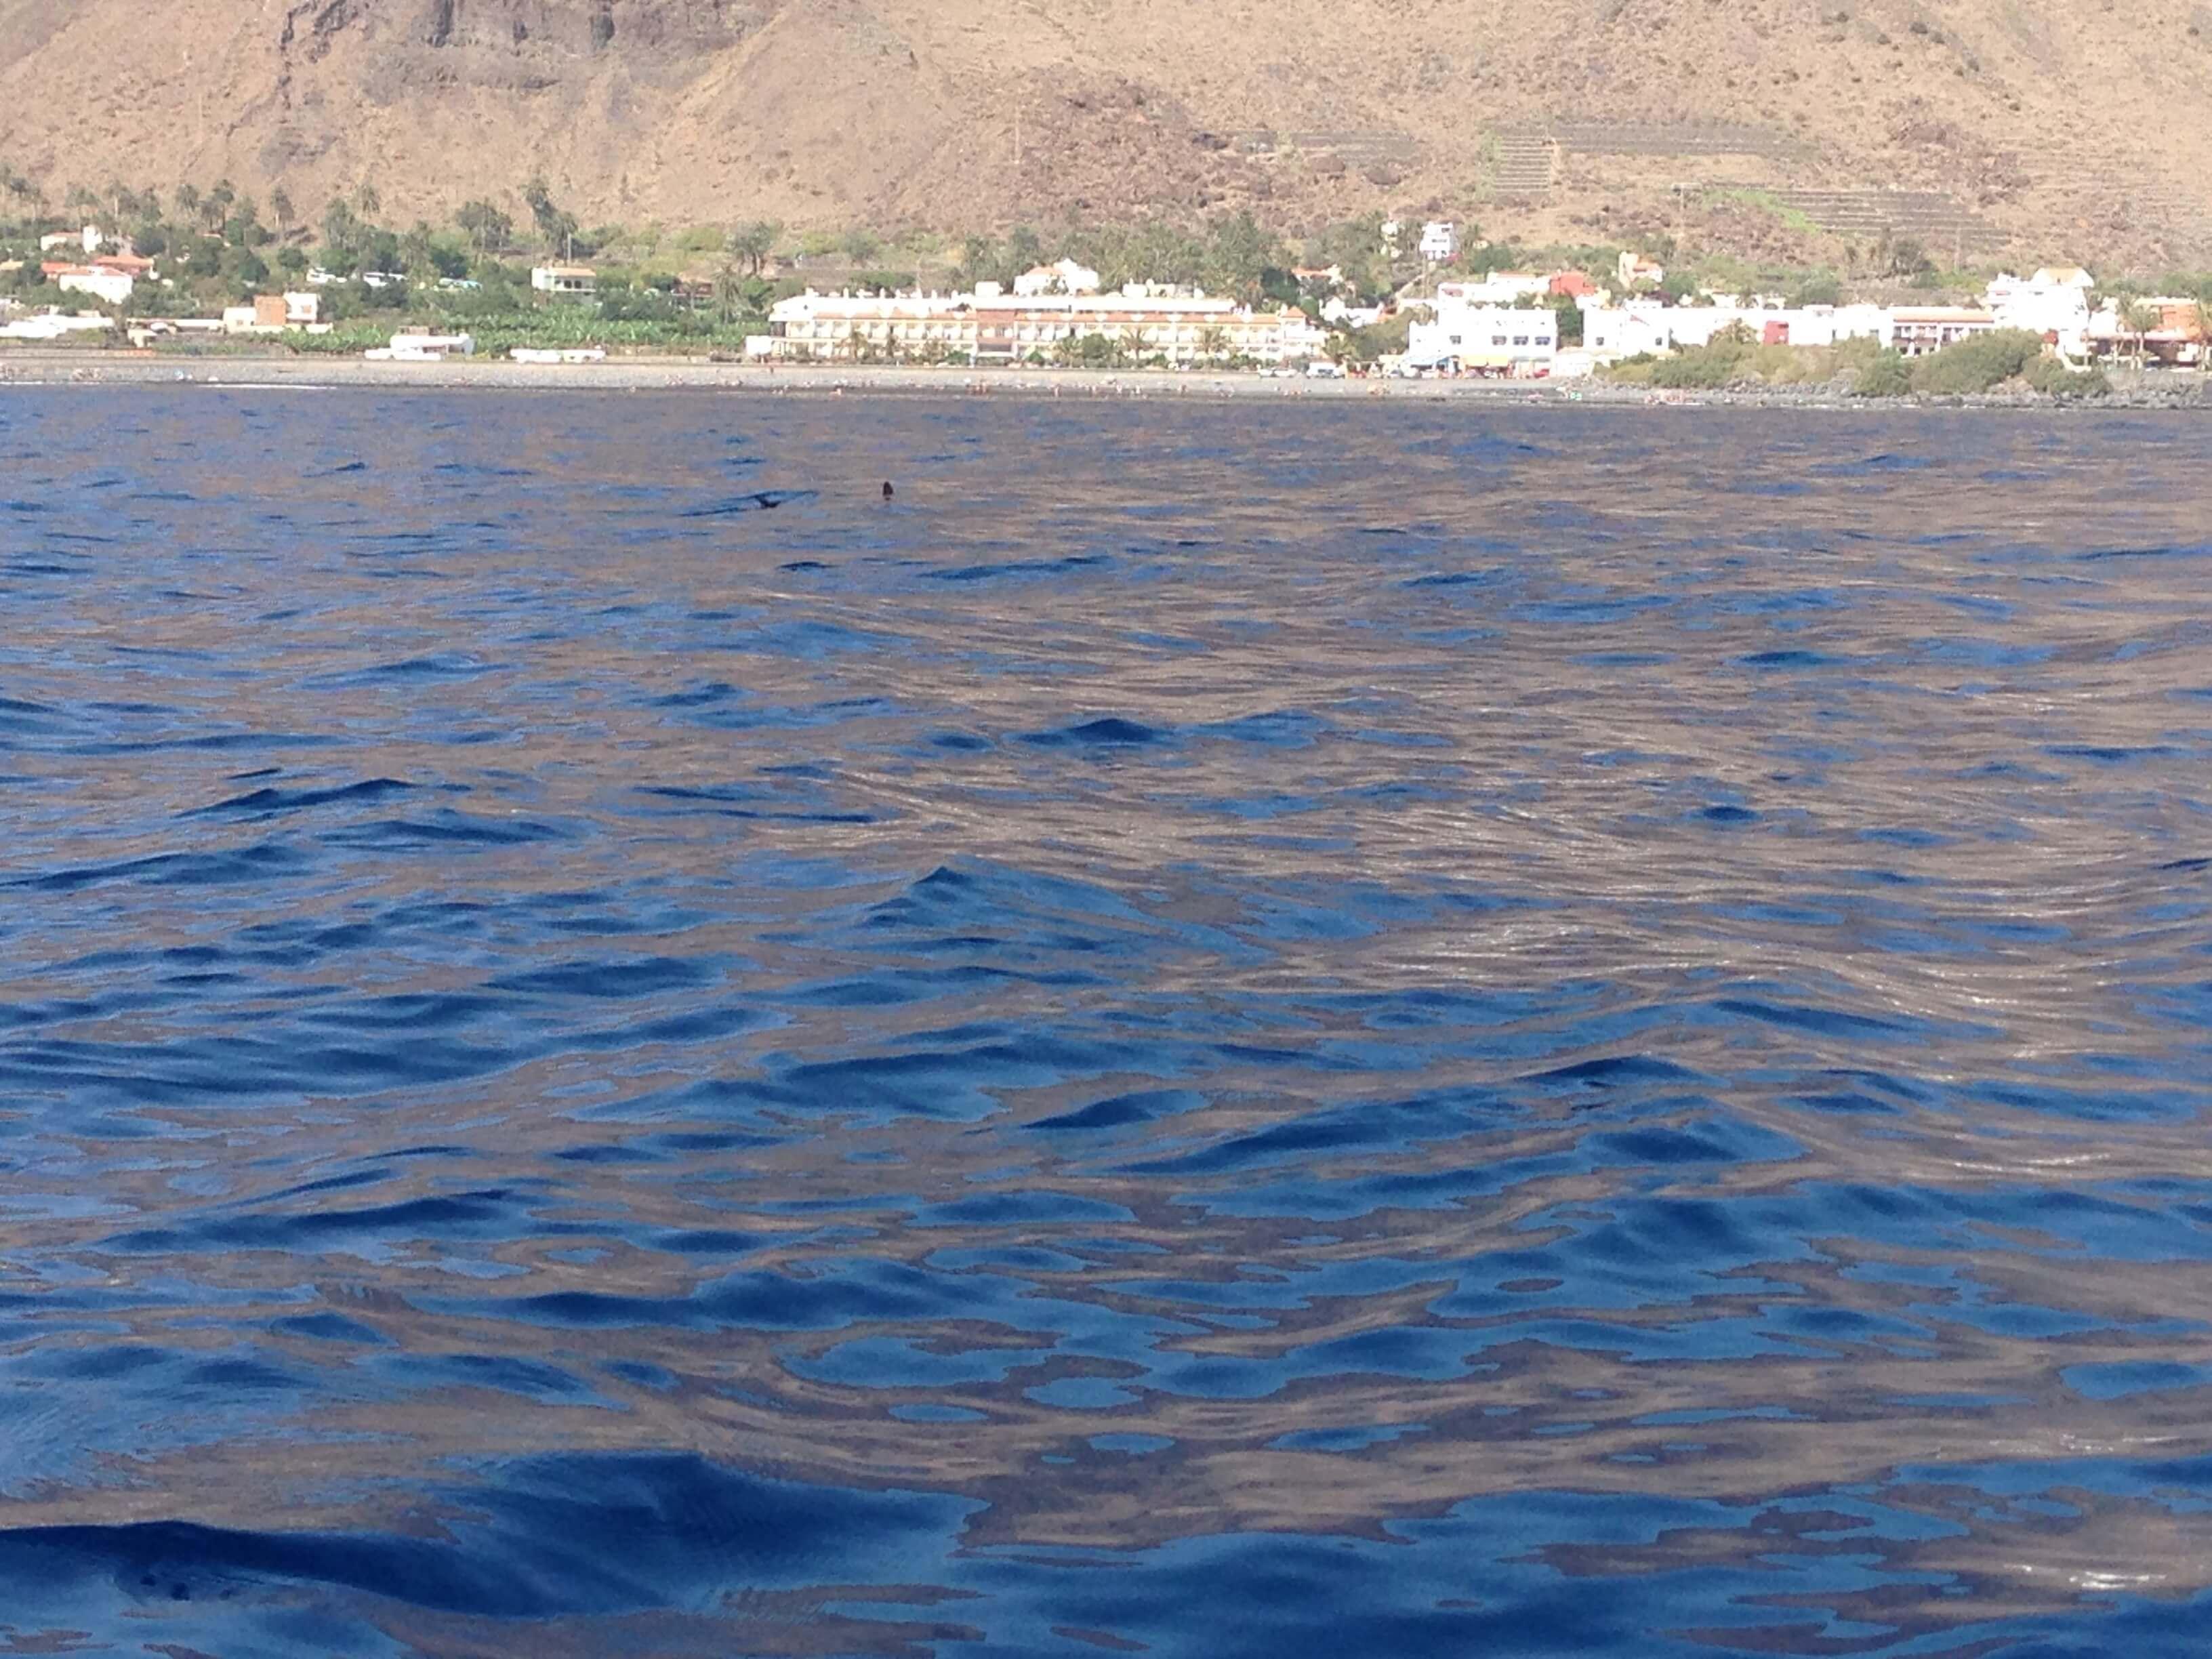 Hai vor der Küste Gomeras